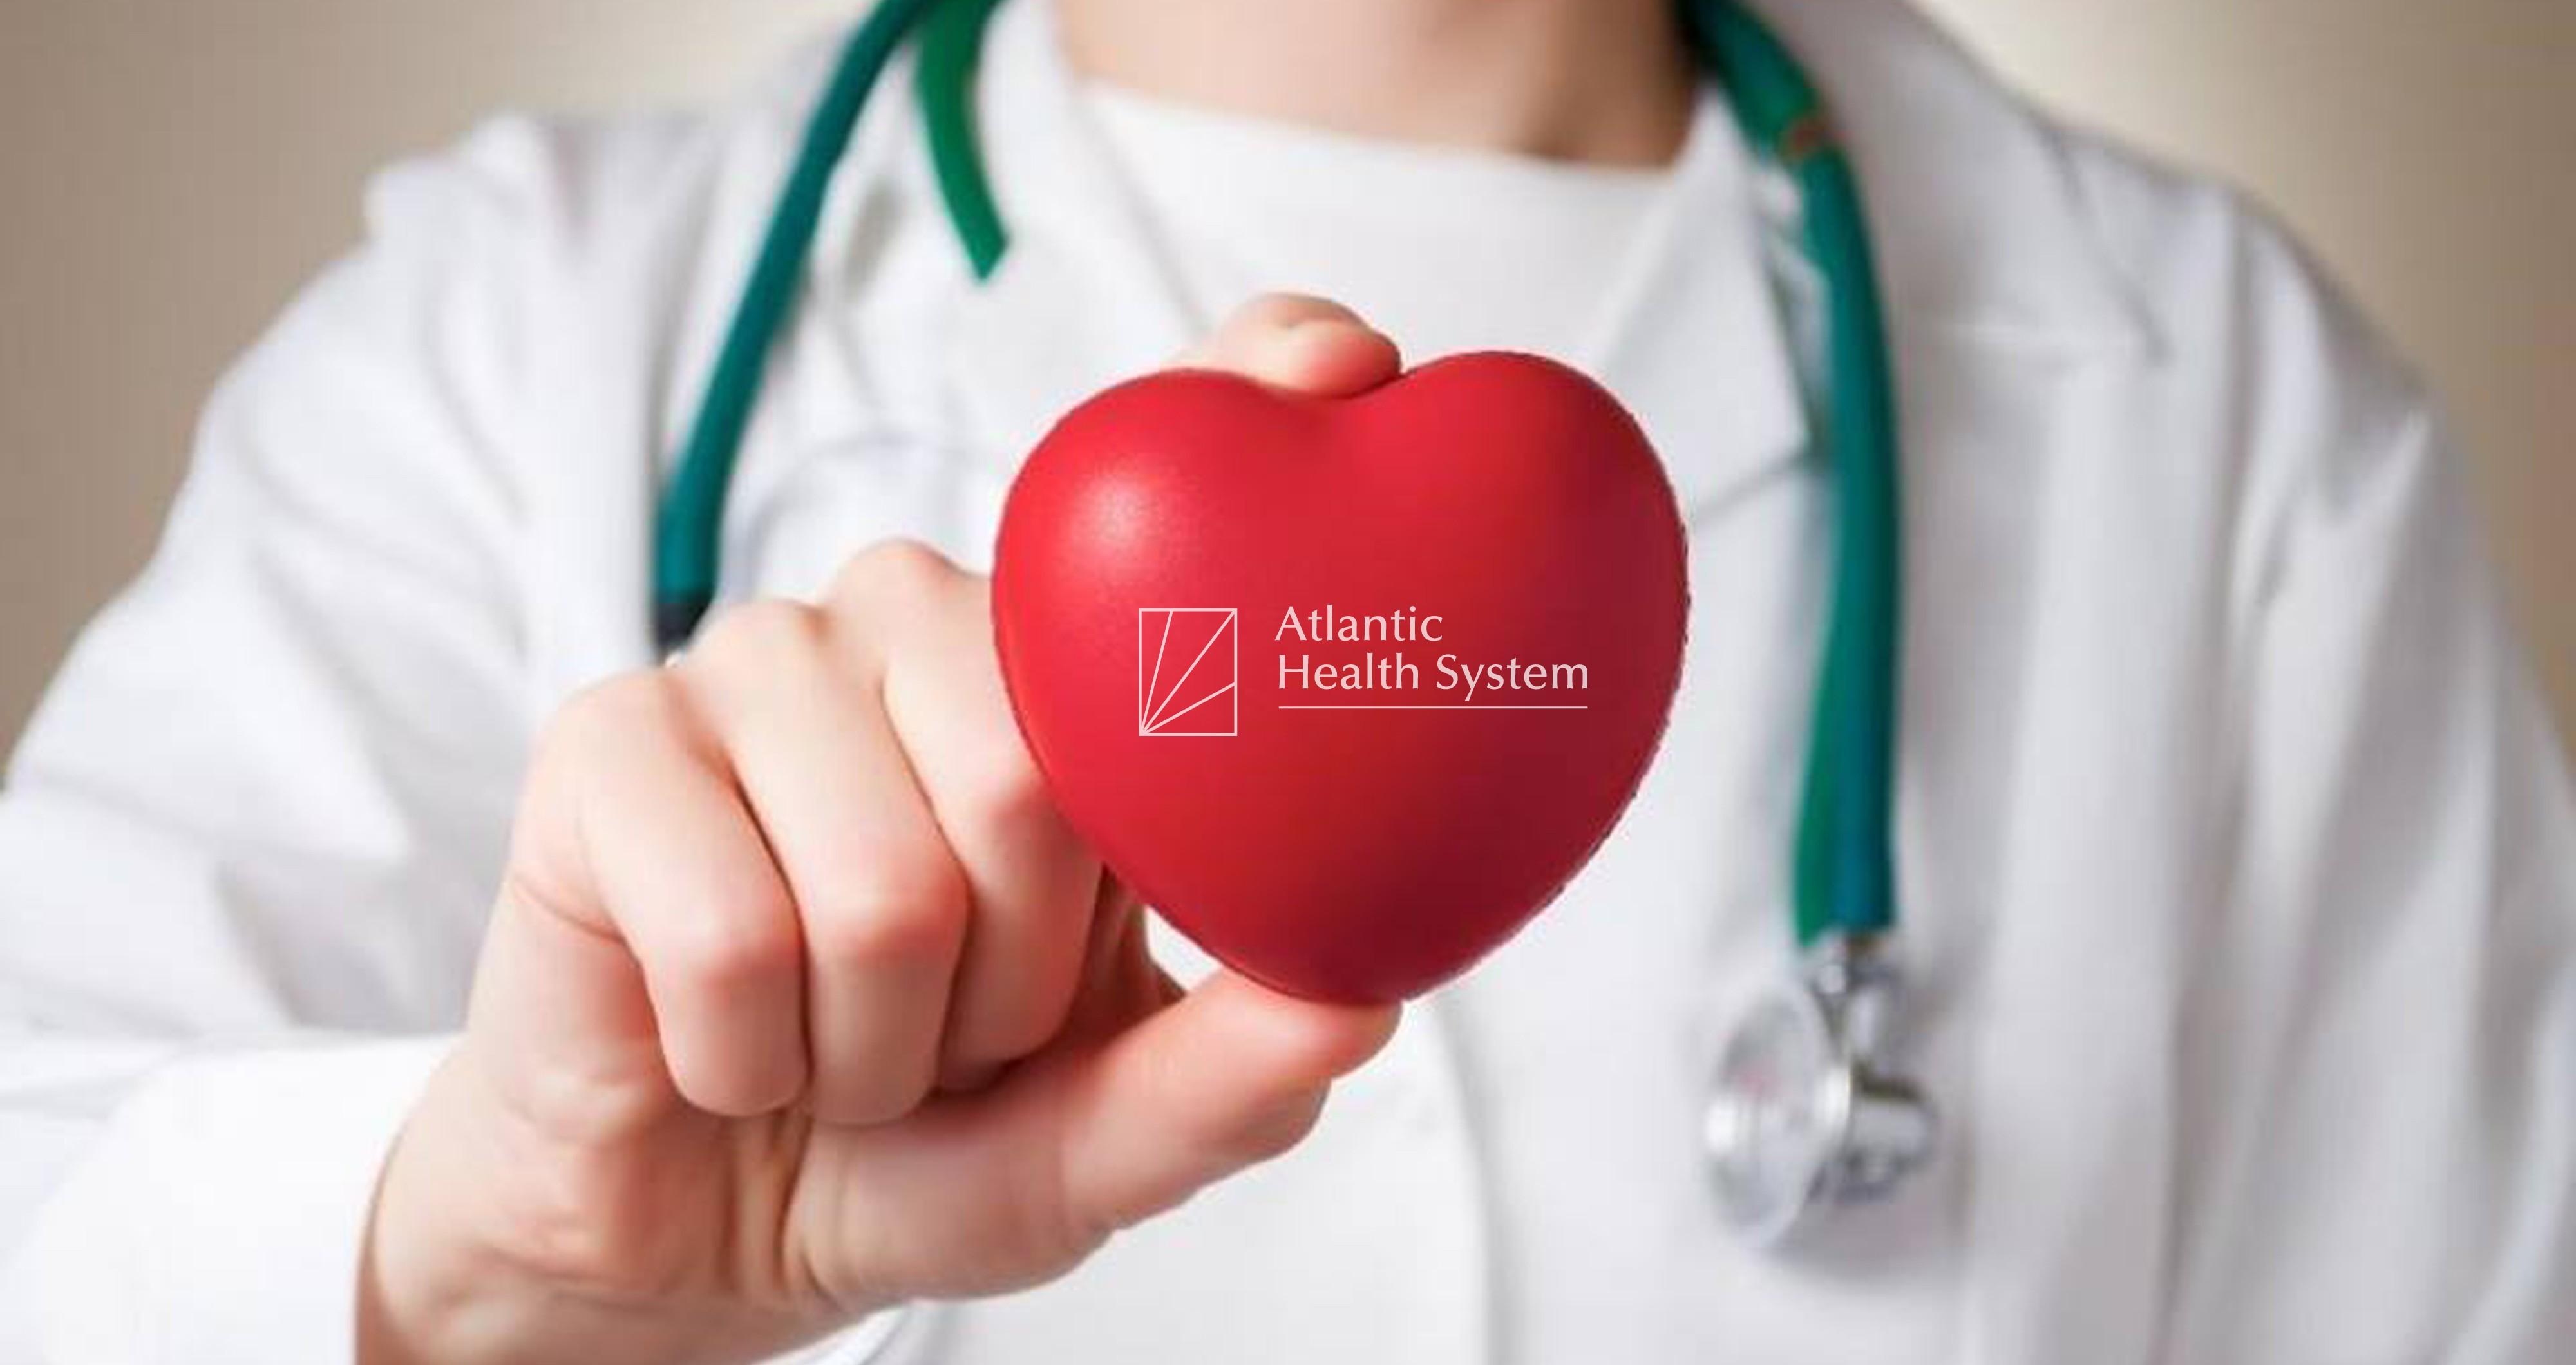 Branded Merchandise for Atlantic Health System